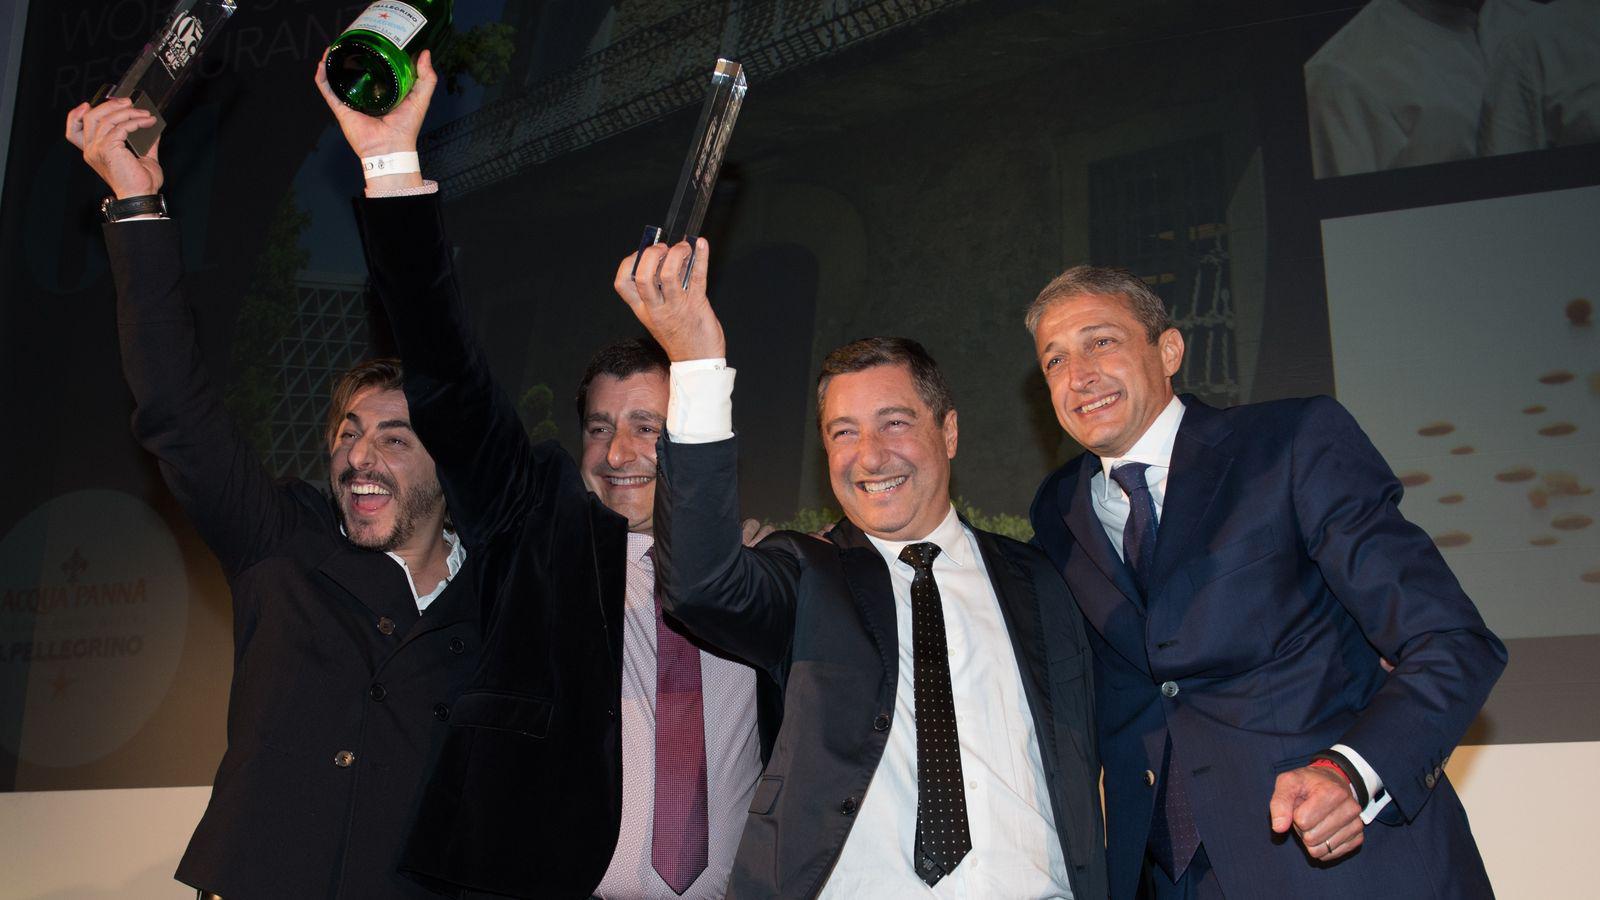 Celler Can de Roca Mejor Restaurante del Mundo 2015 según la revista Restaurant